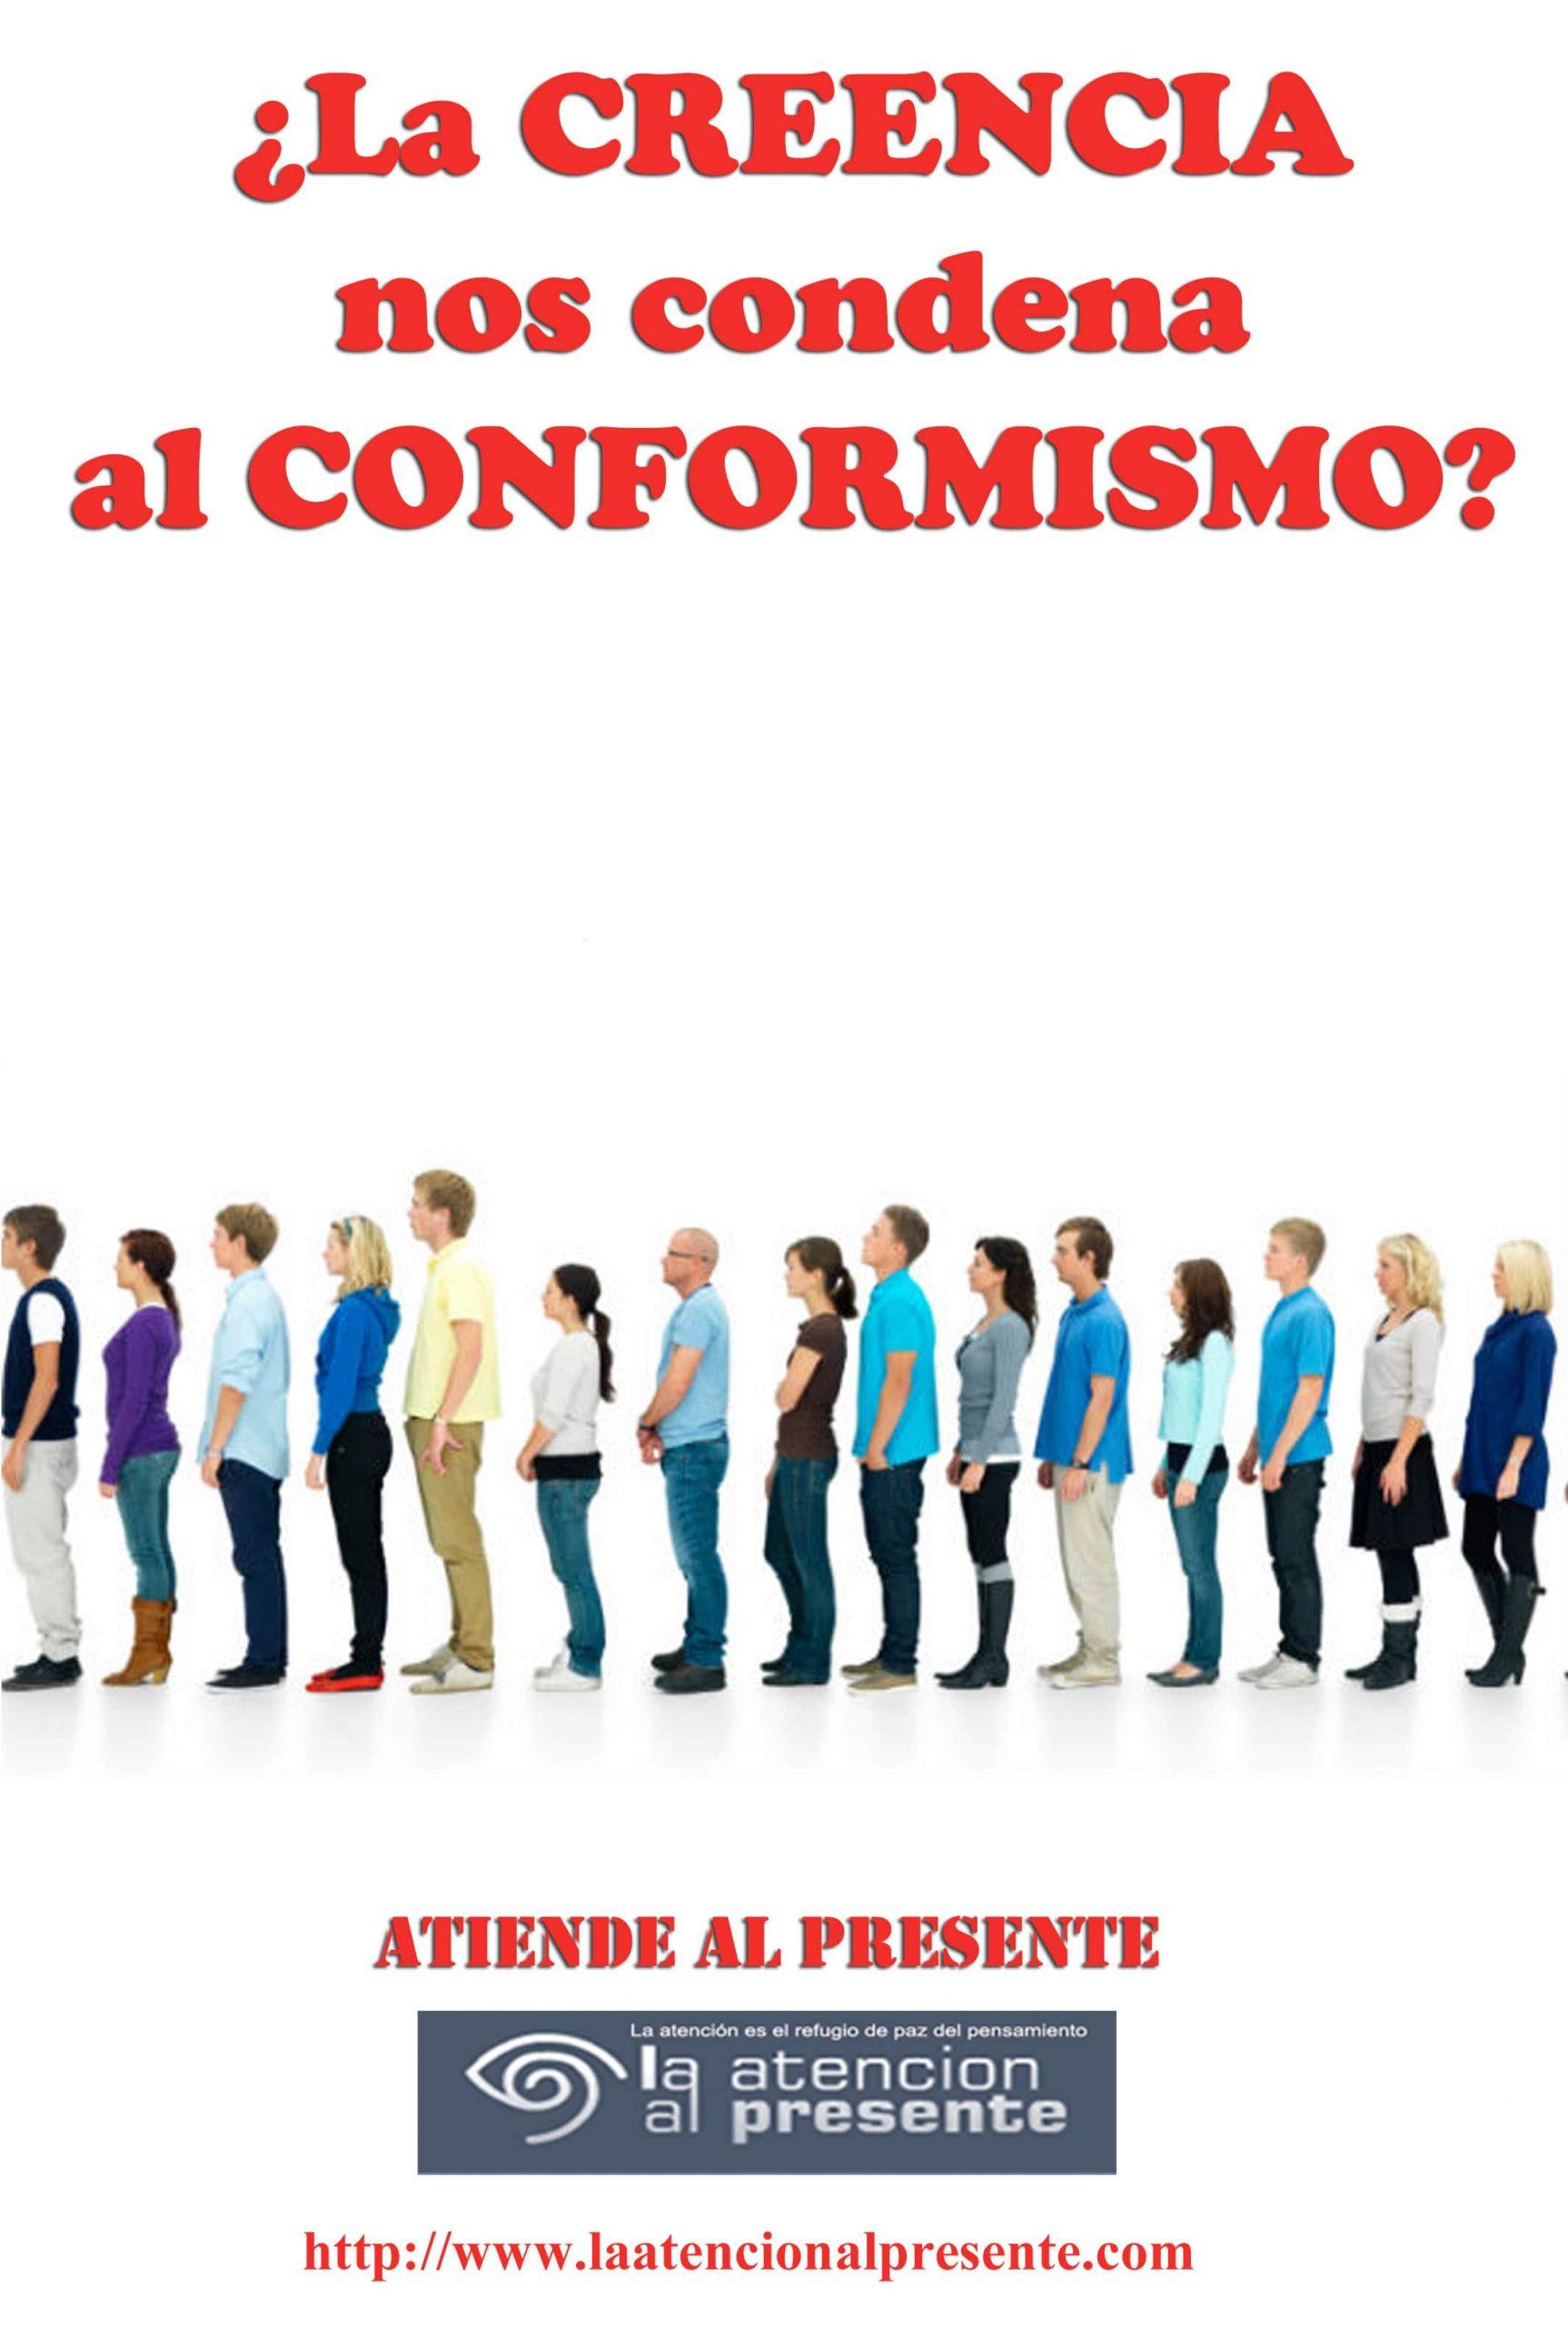 27 de Febrero ISA La CREENCIA nos condena al CONFORMISMO min scaled